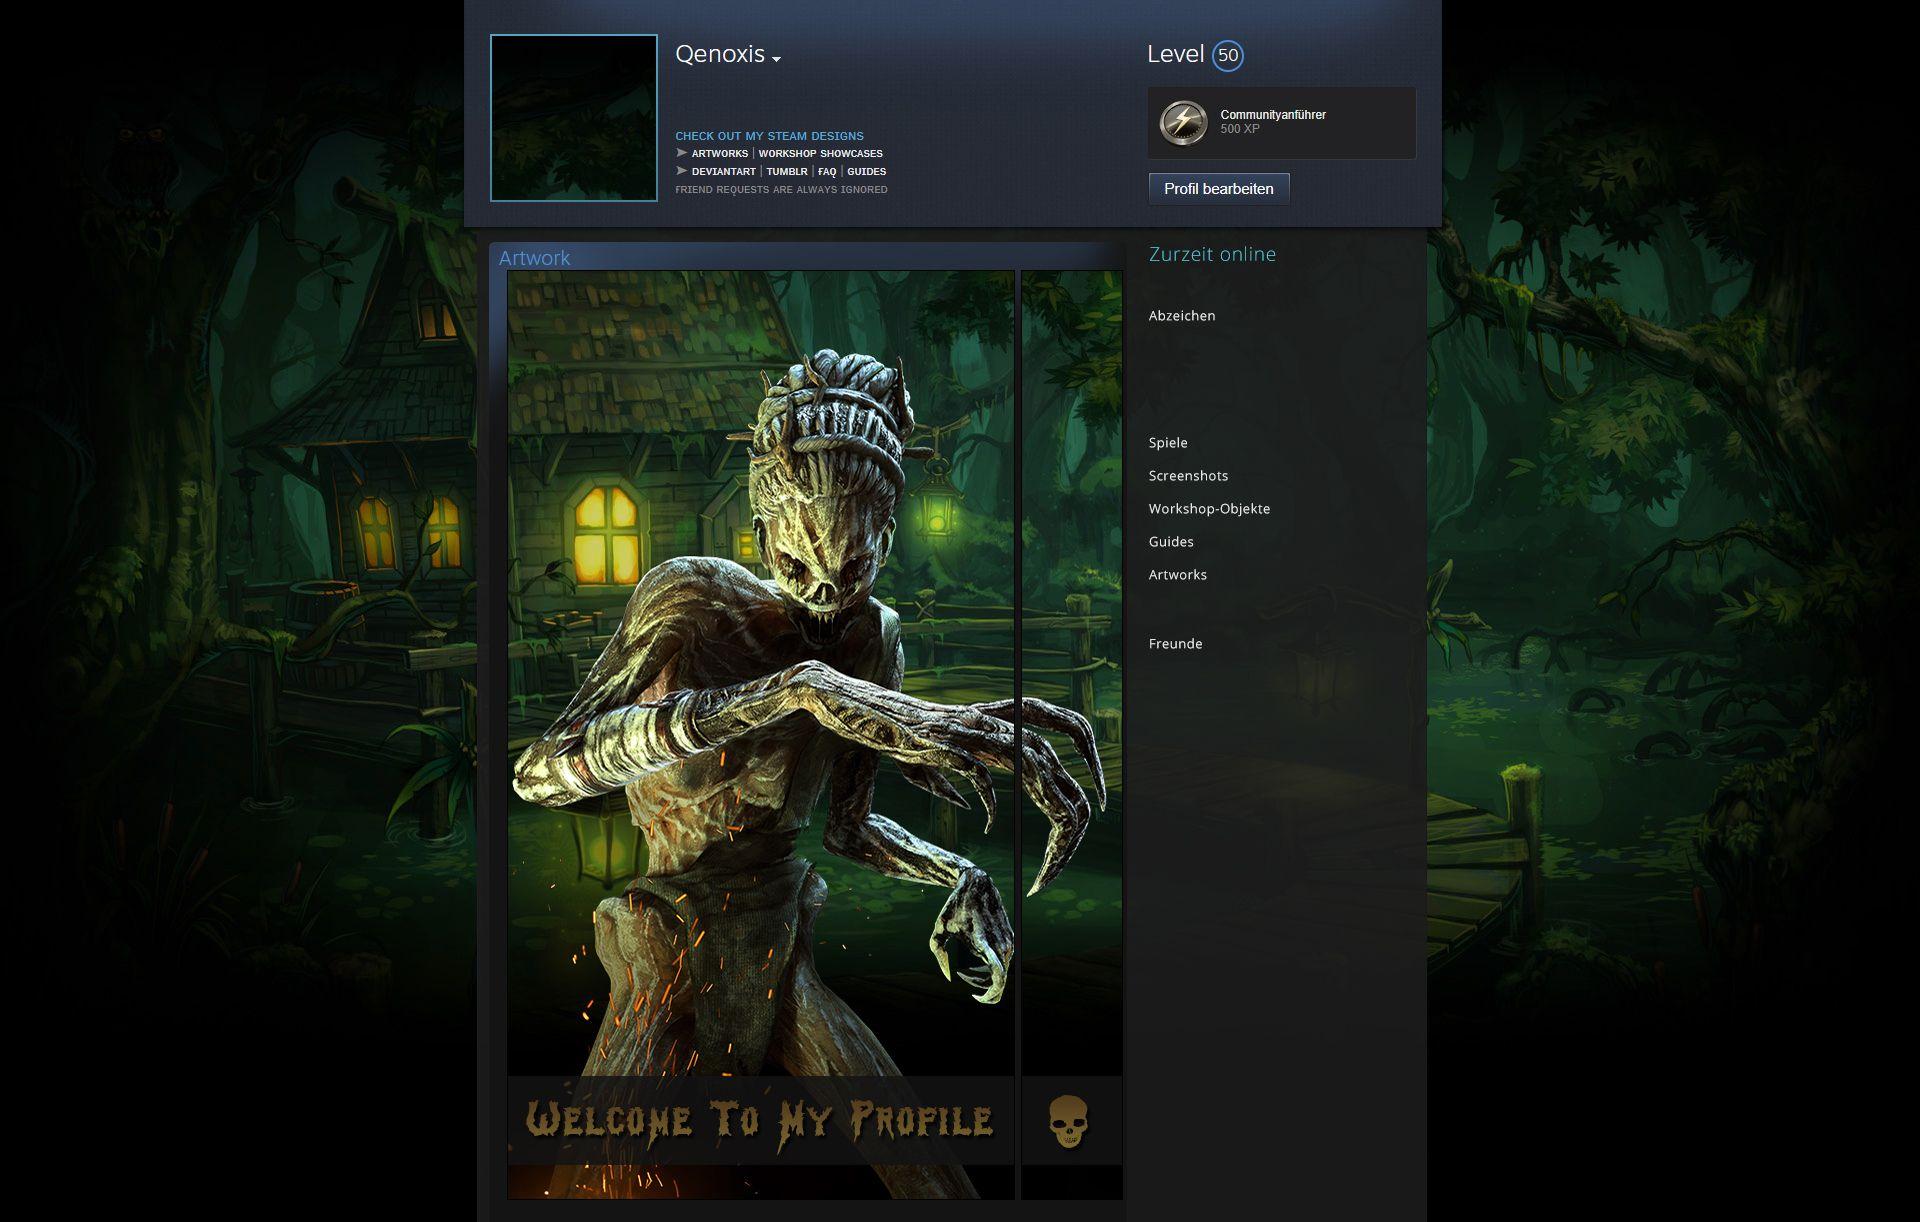 Pin von Floxiiz auf Steam artwork (mit Bildern)